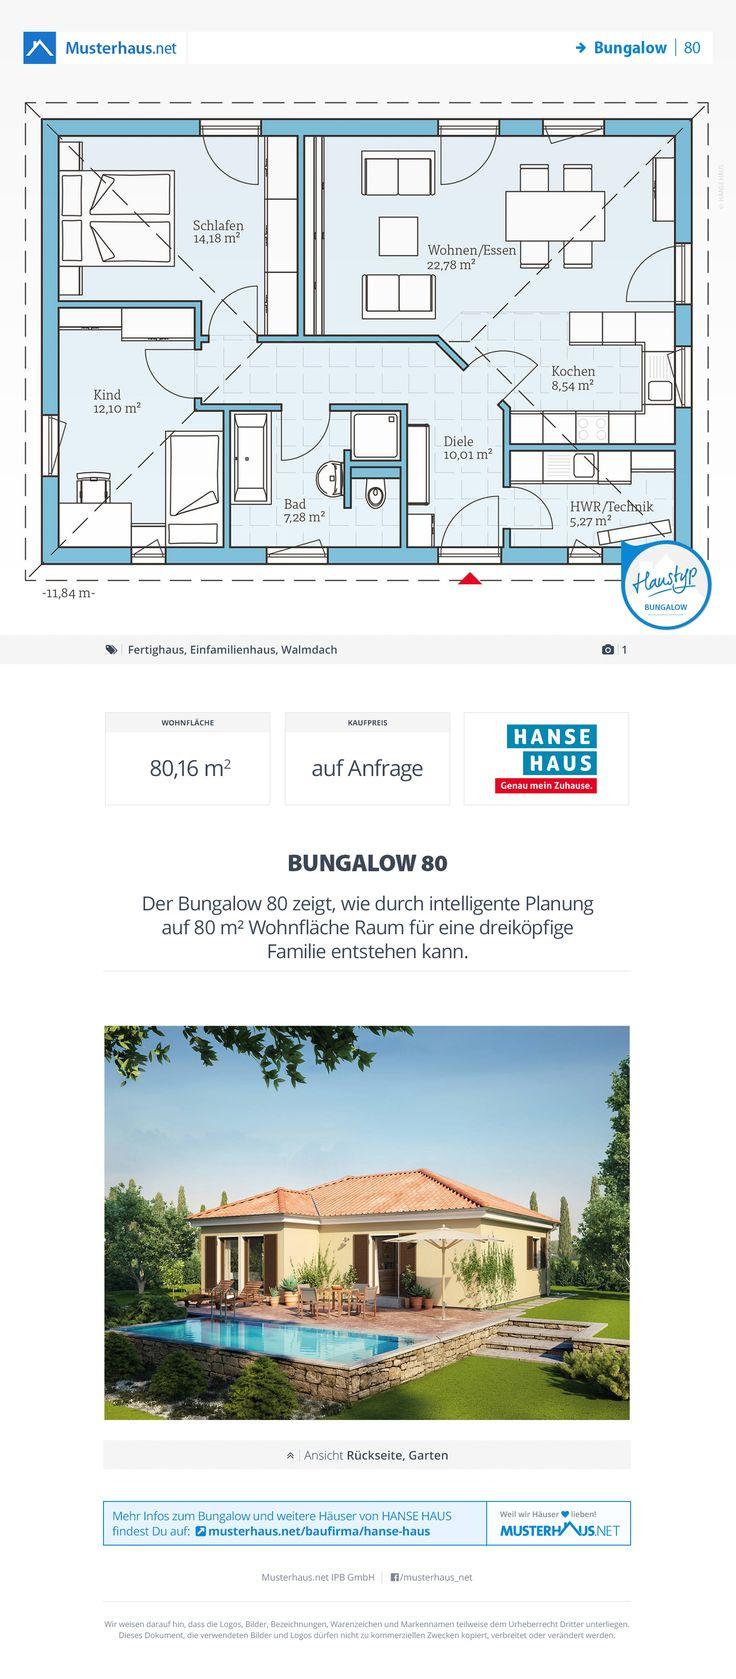 Bungalow Grundriss, 80 M², Offene Küche